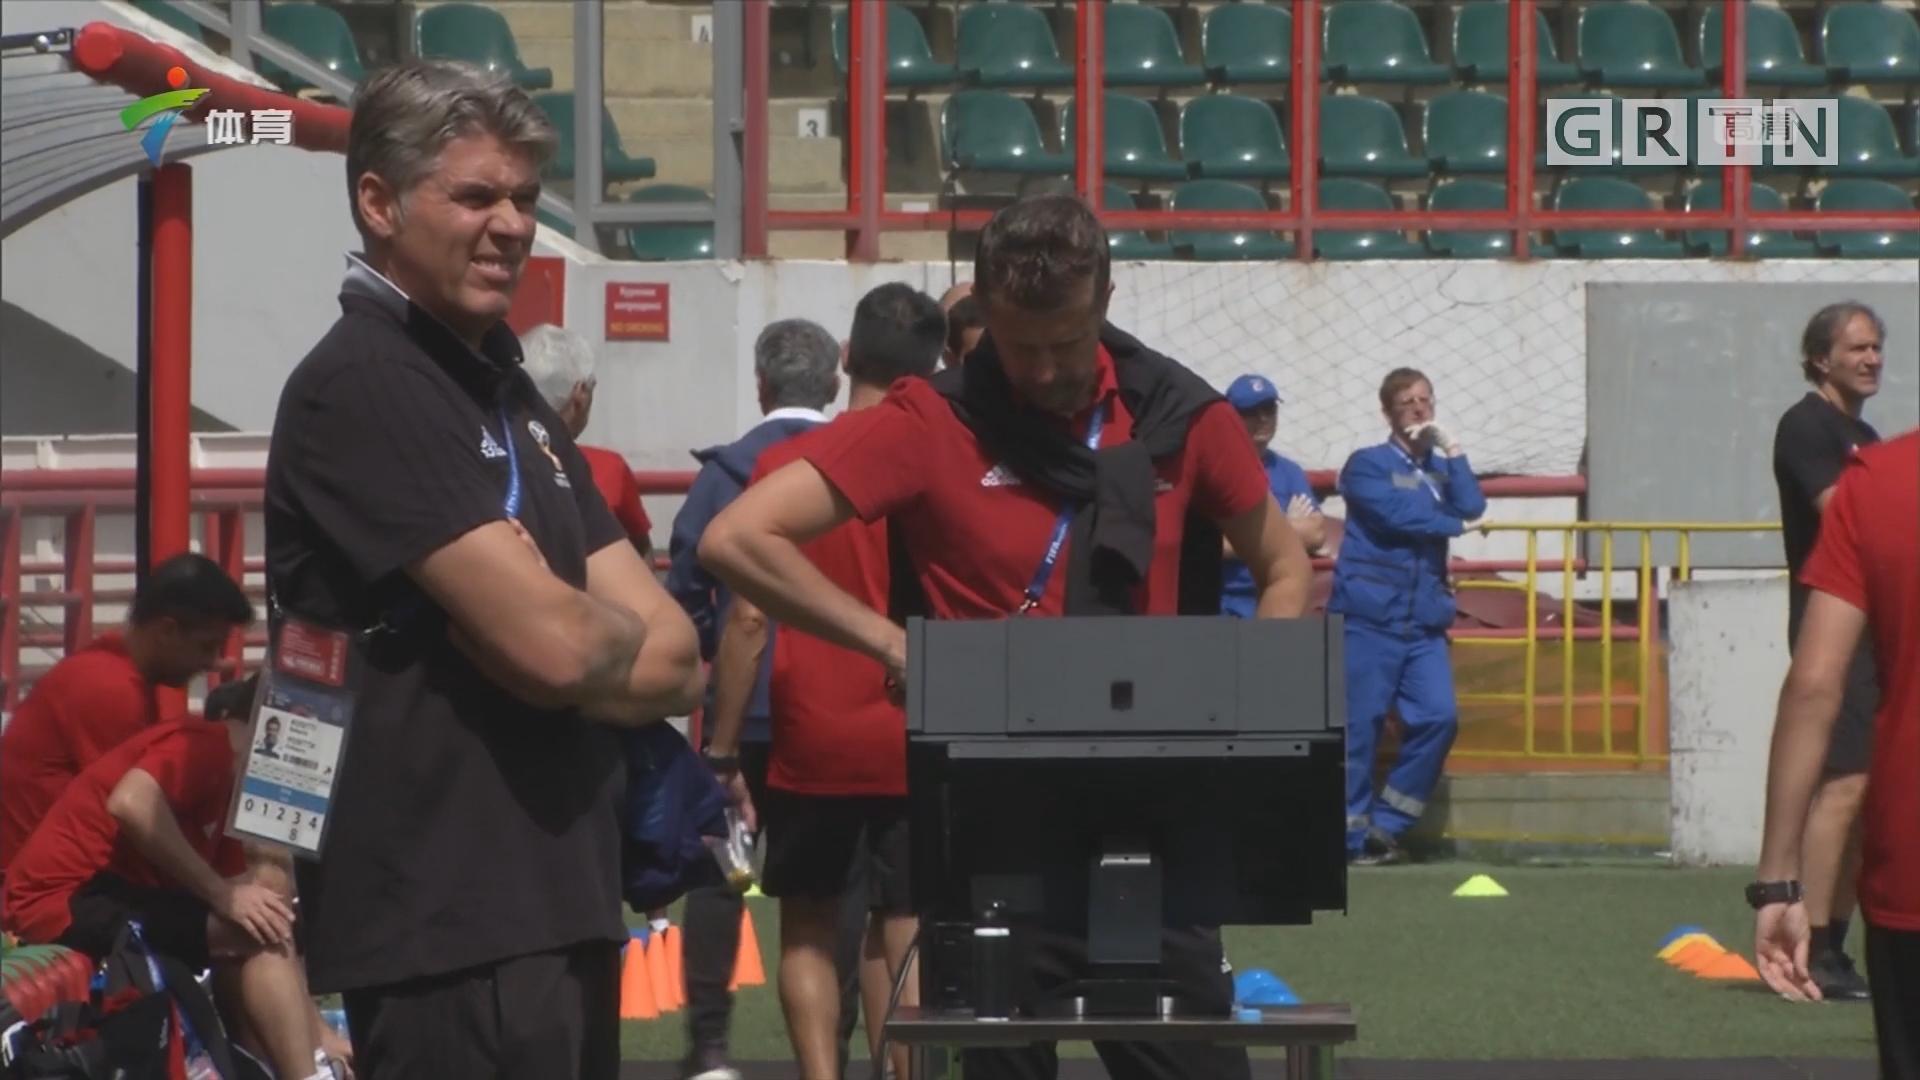 世界杯裁判团队亮相训练场 VAR系统成焦点